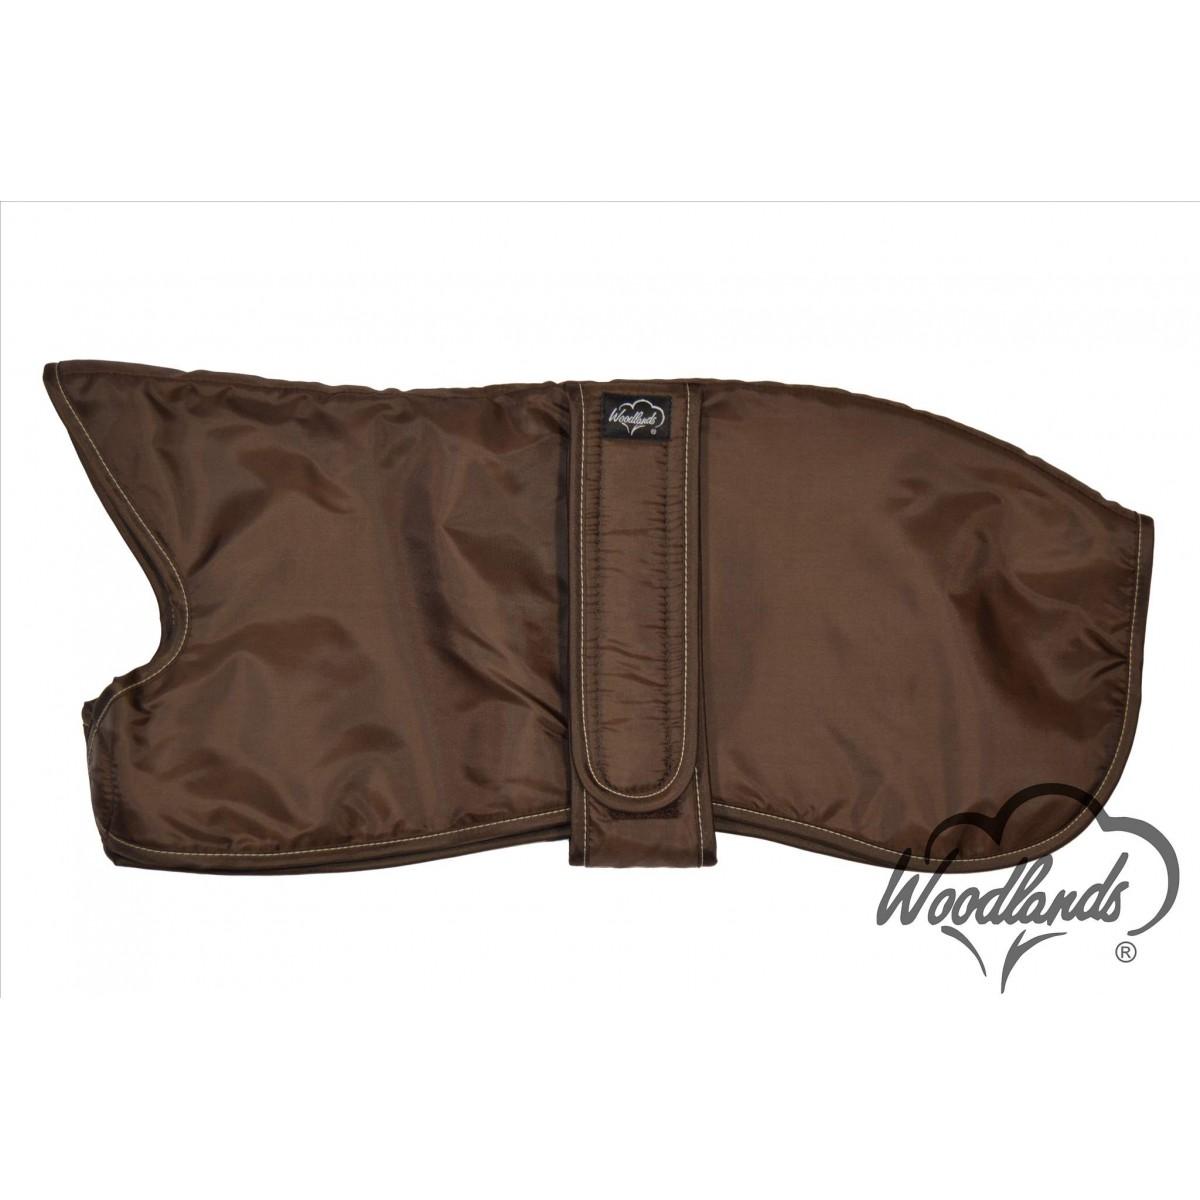 Whippet Dog Coats Uk